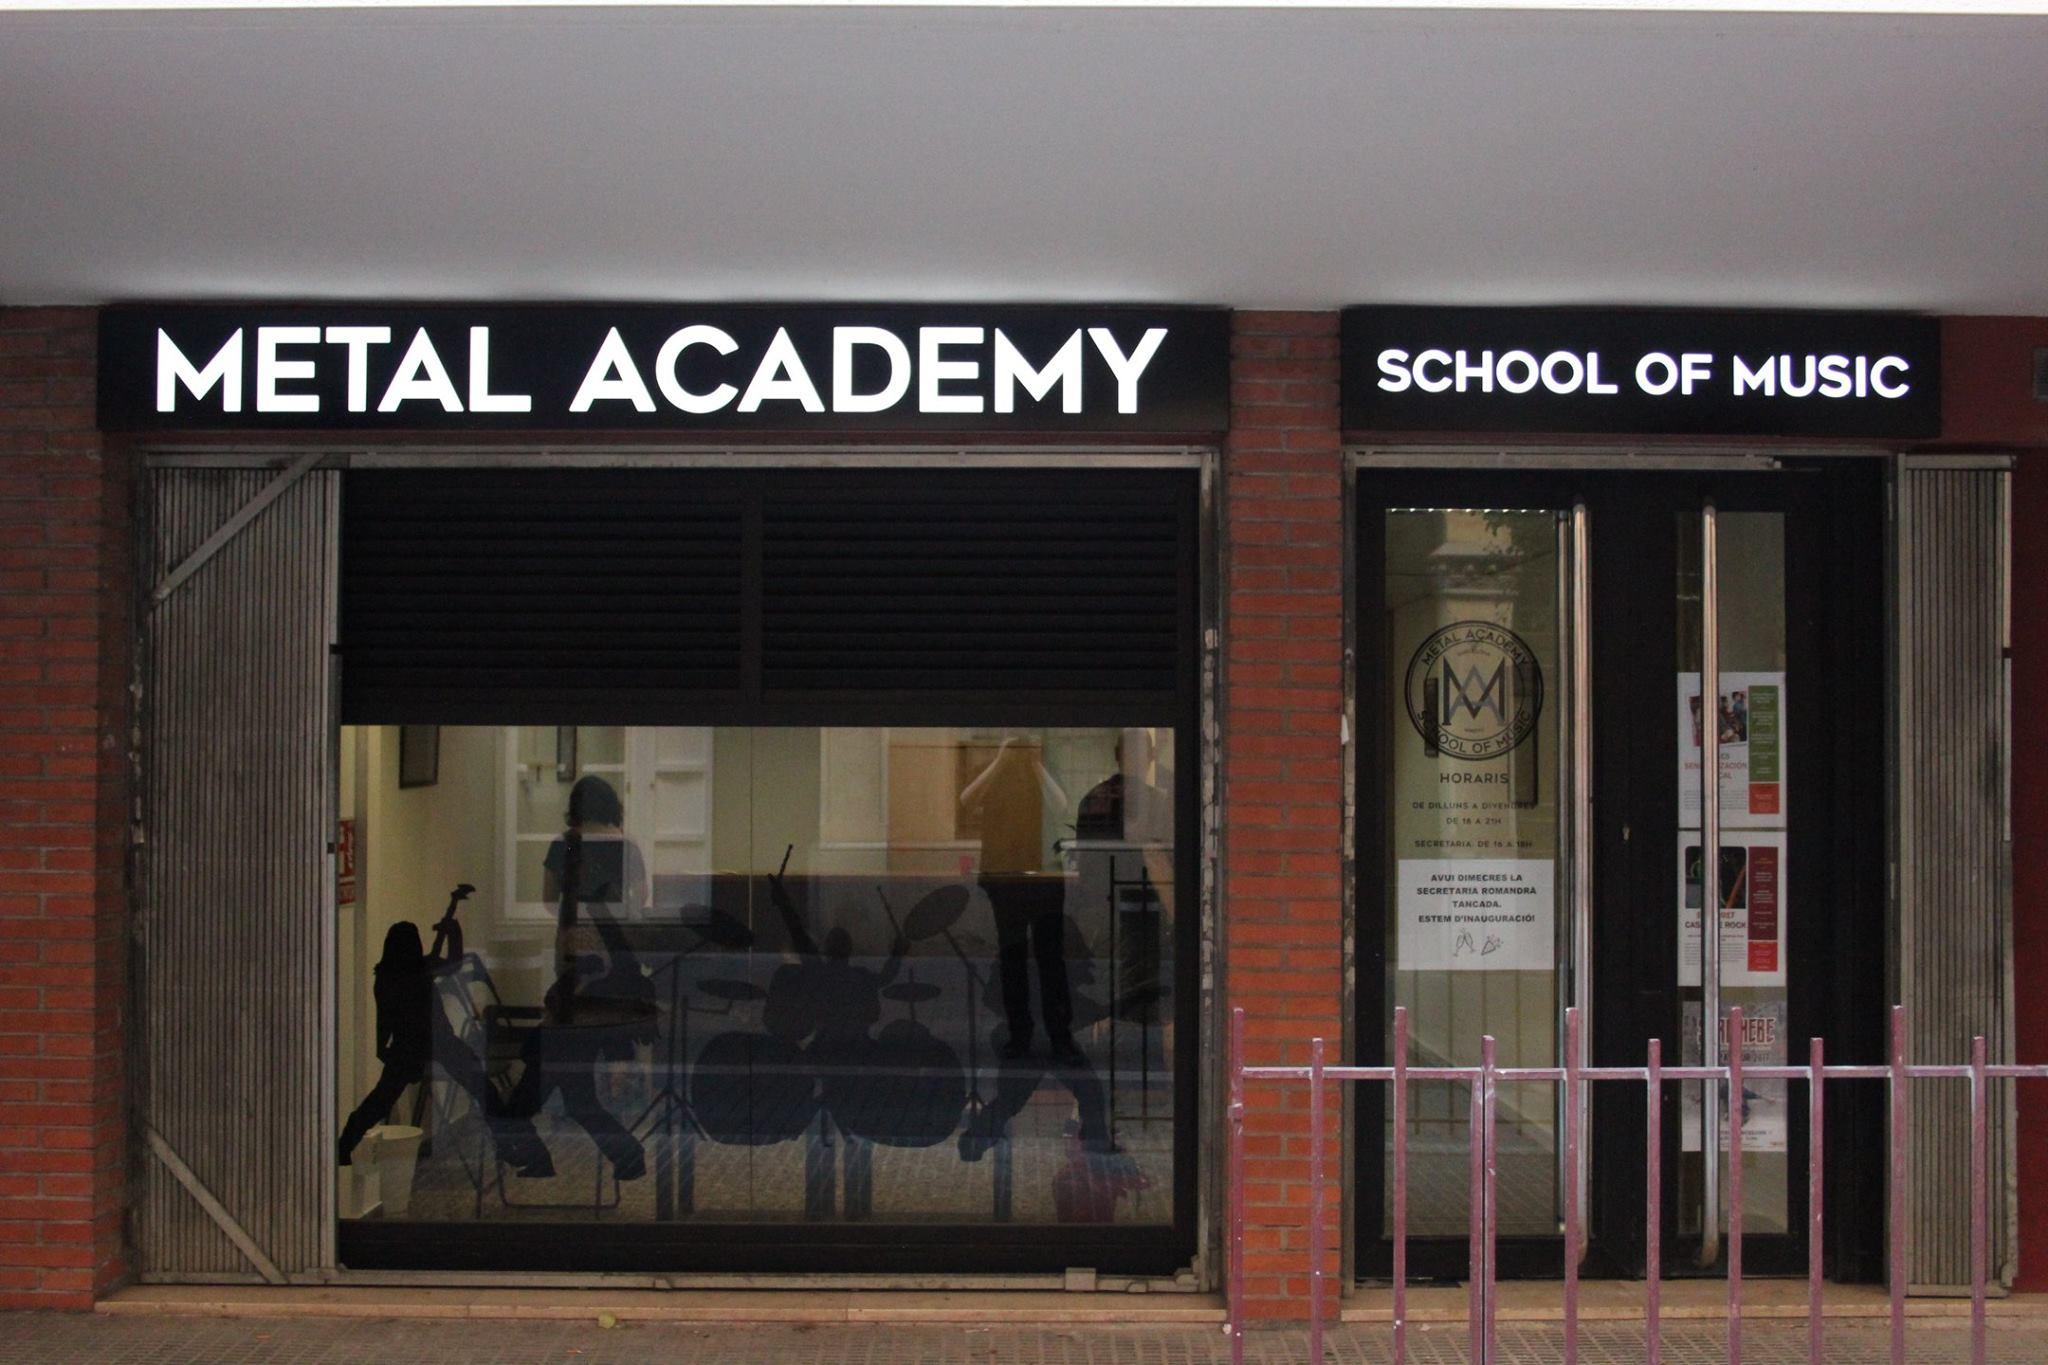 Nace la primera escuela de música de Europa especializada en Metal y Hard-Rock